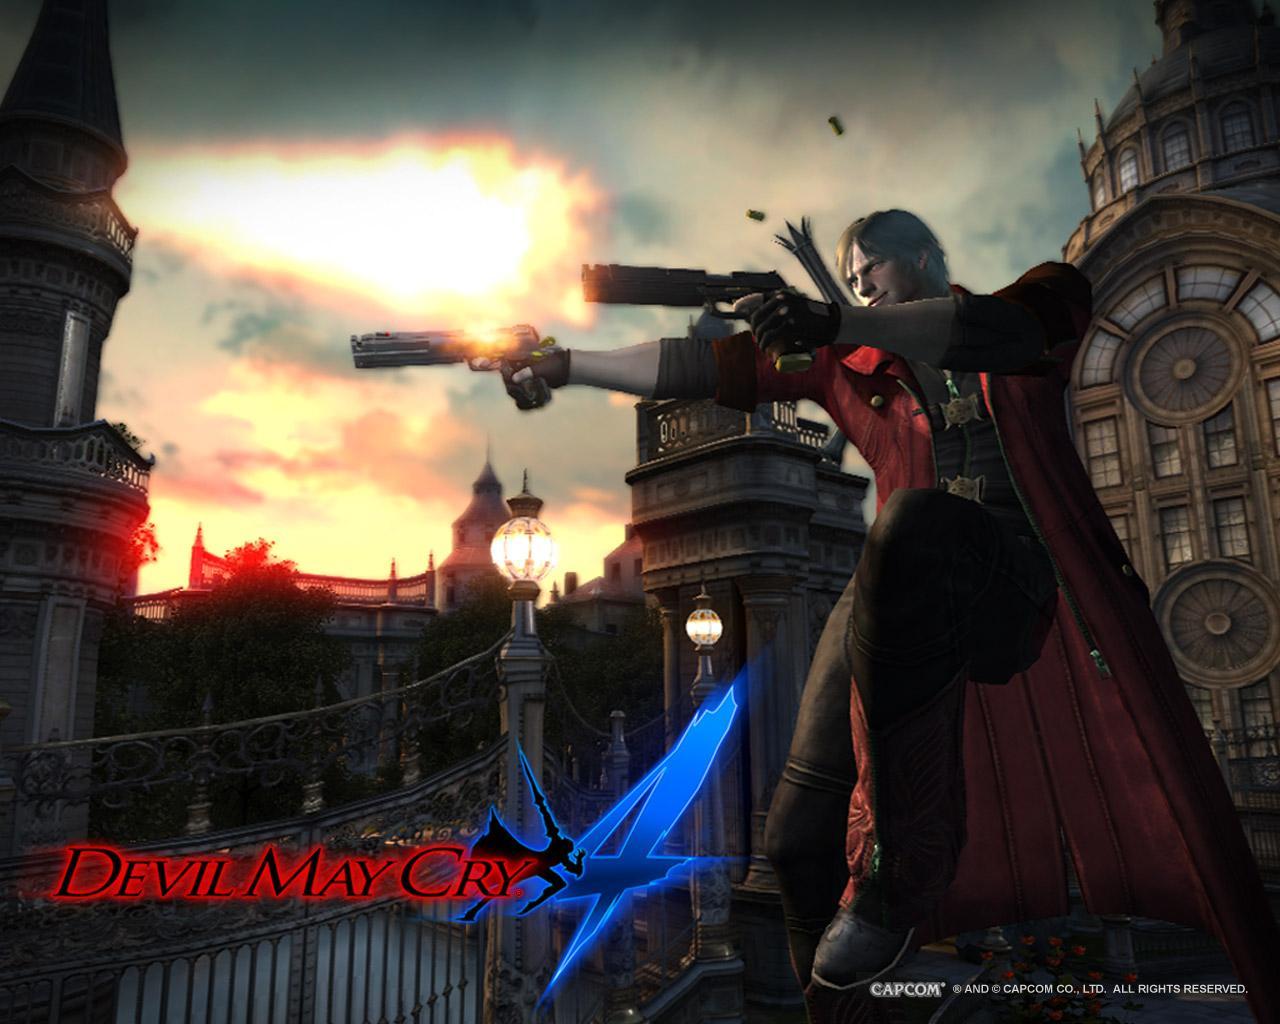 http://4.bp.blogspot.com/_LjxVLhCXhHg/S8UVG9IVmKI/AAAAAAAAAck/flGgsaUUQPE/s1600/devilmaycry4_wallpaper_3.jpg